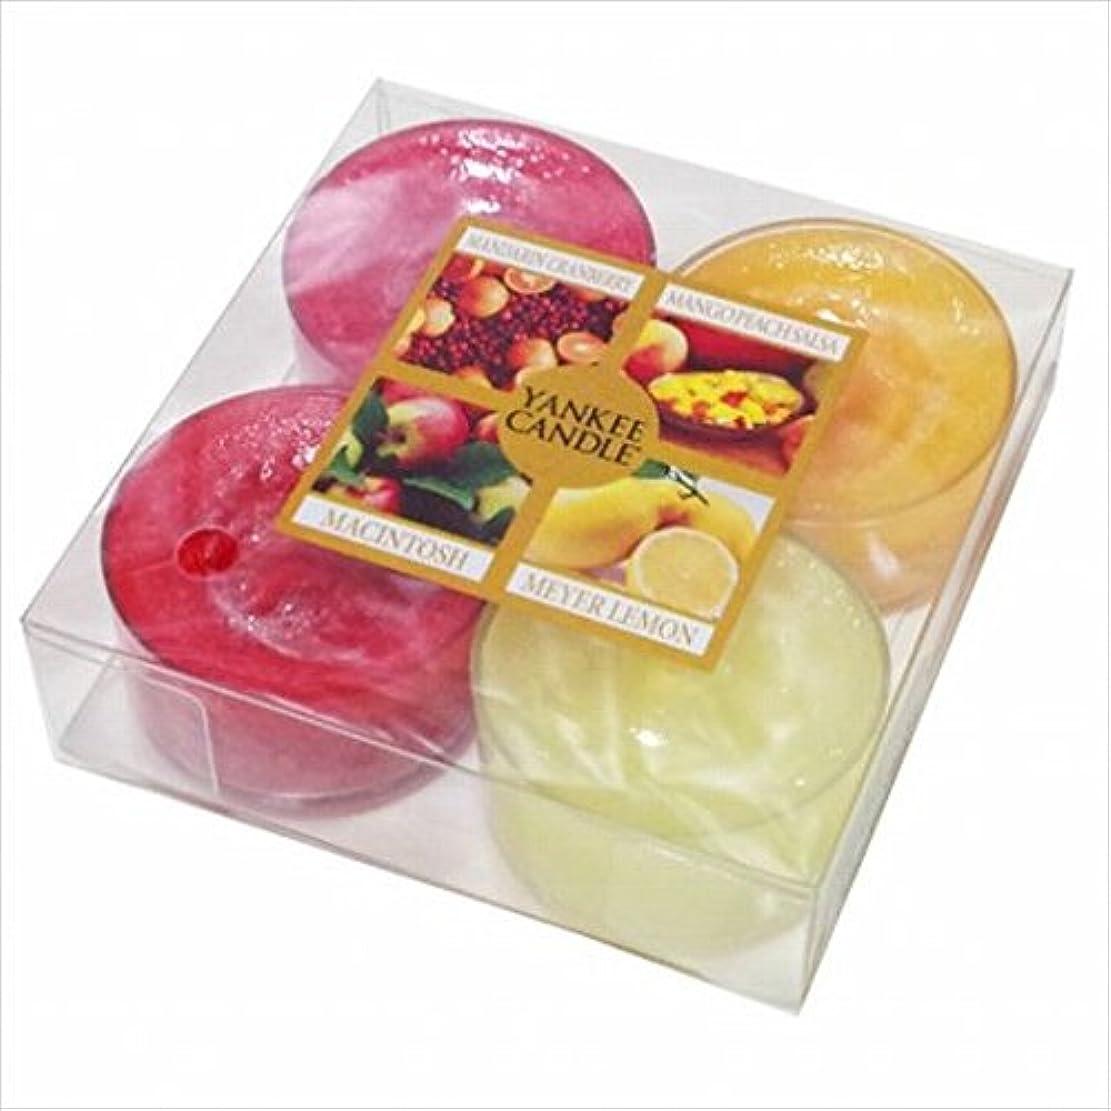 宣言するインデックス繰り返したカメヤマキャンドル(kameyama candle) YANKEE CANDLE クリアカップティーライト4個入り アソート 「 フルーツ 」